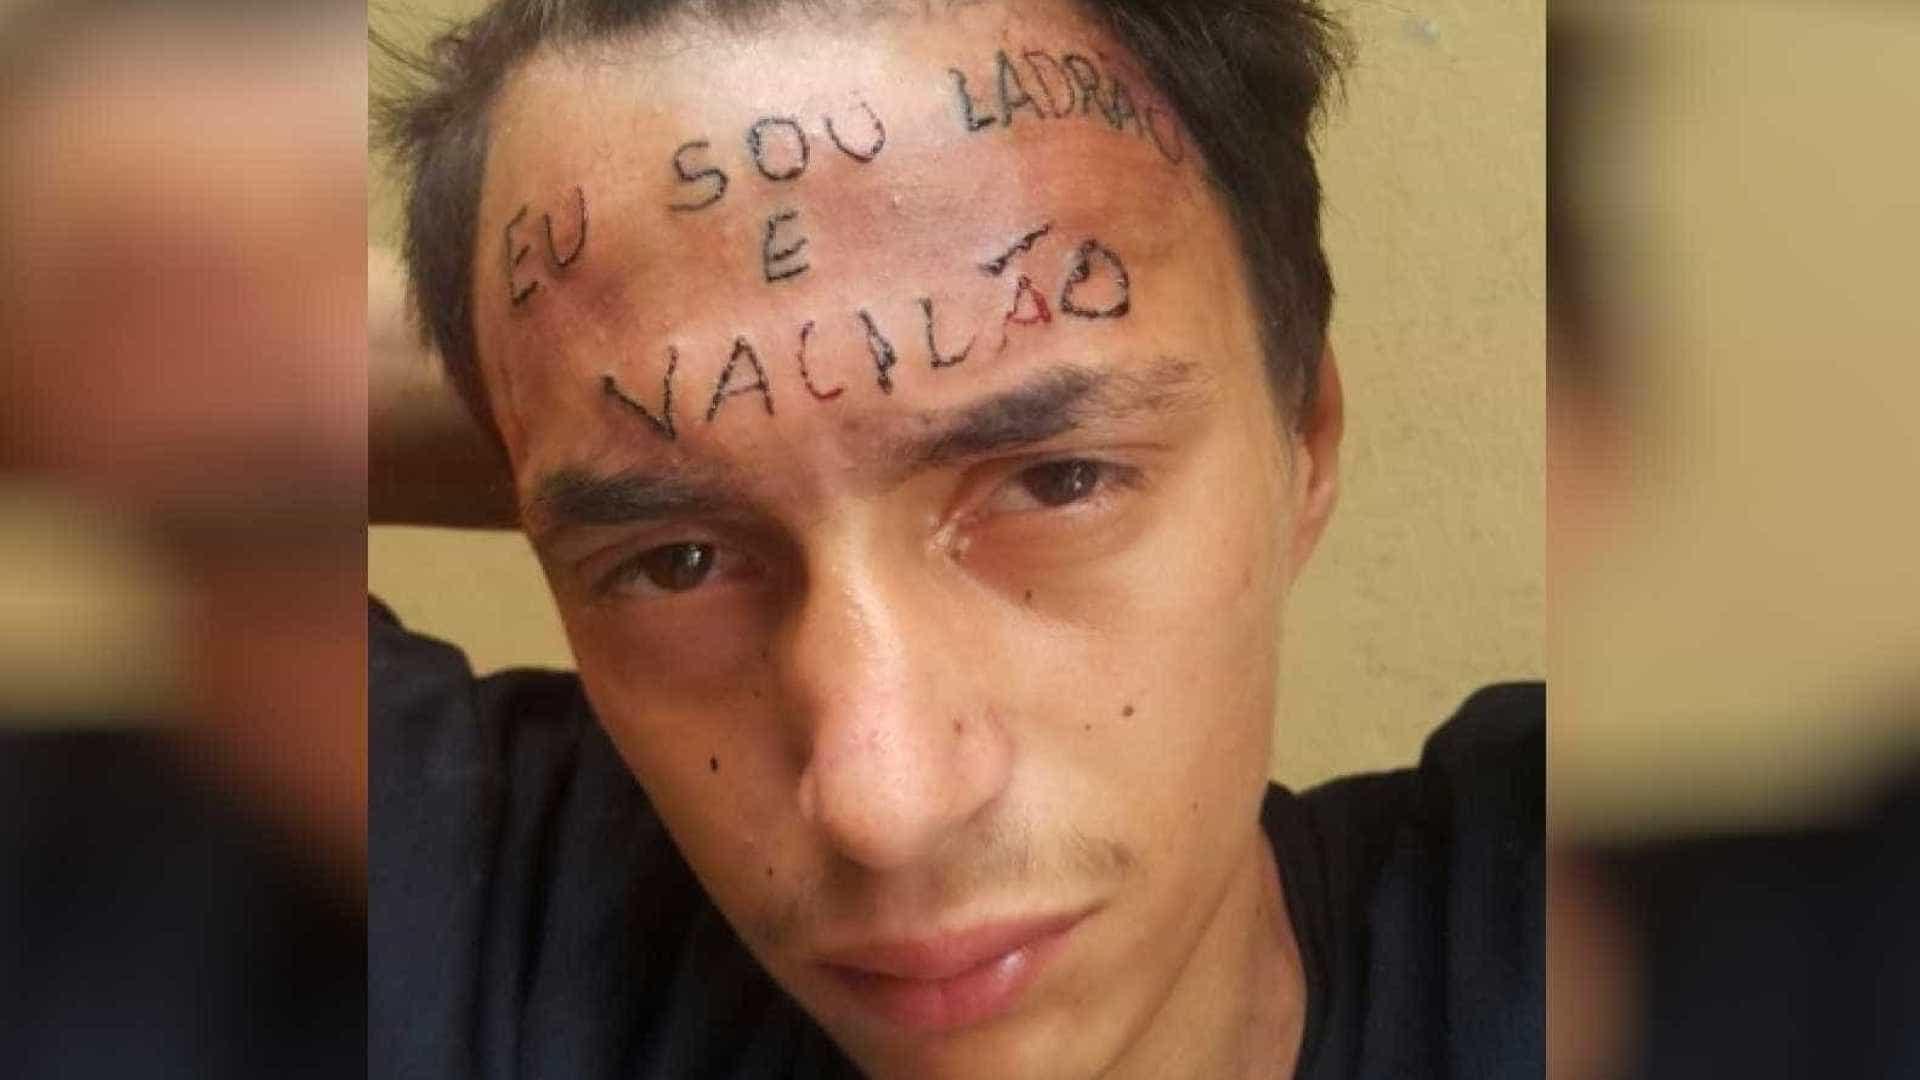 """Jovem com """"ladrão"""" tatuado na testa voltou a roubar. Polícia goza com ele"""